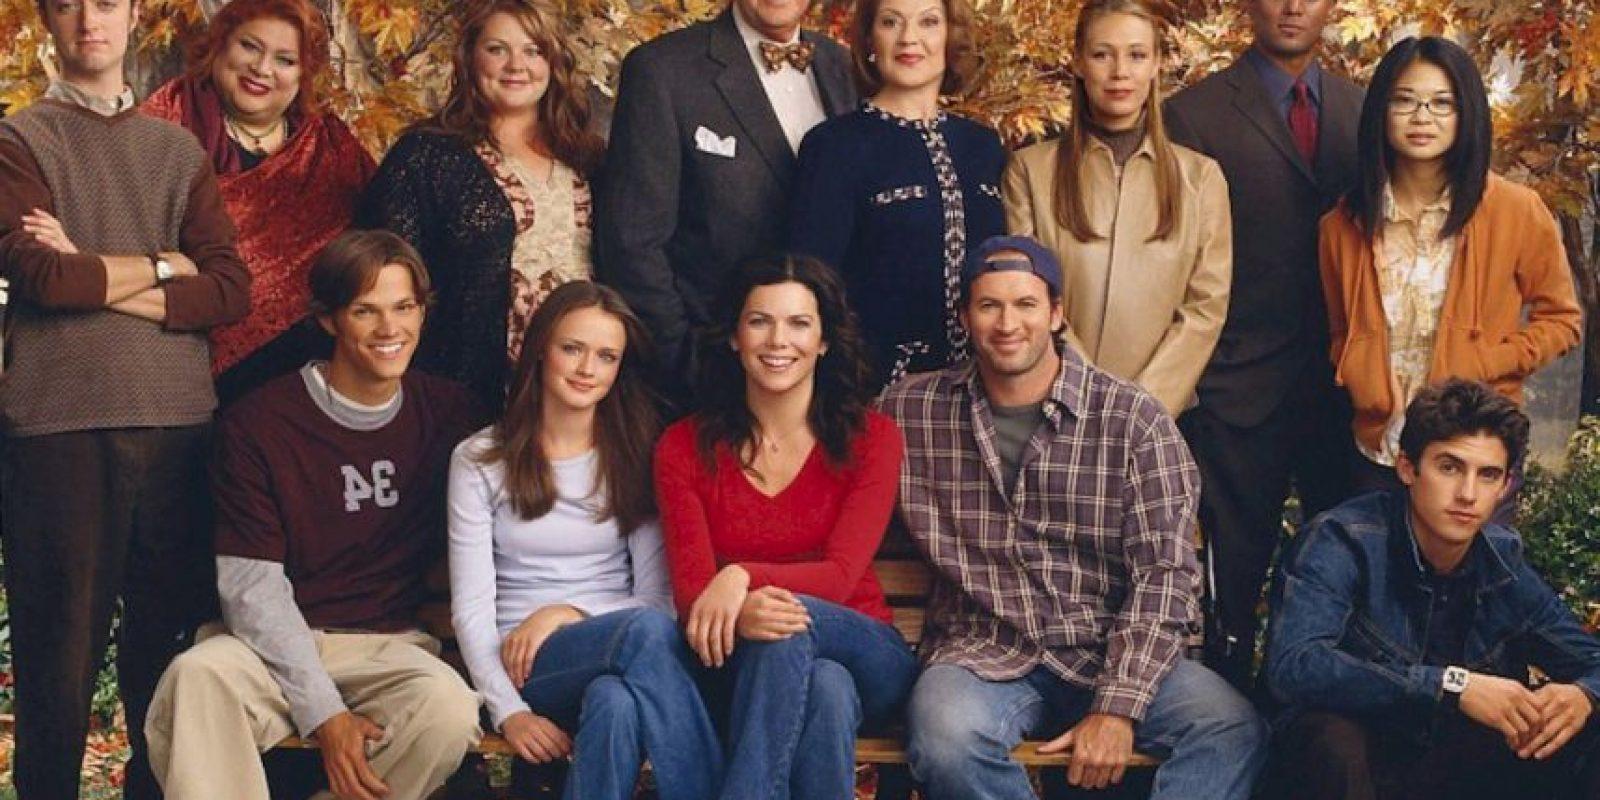 """¿Se acuerdan de """"Gilmore Girls""""? Esta serie retrataba la vida amorosa de """"Lorelai Gilmore"""", interpretada por Lauren Graham, y su hija """"Rory"""", interpretada por Alexis Bledel. Duró de 2000 hasta 2007. Foto:vía The CW"""